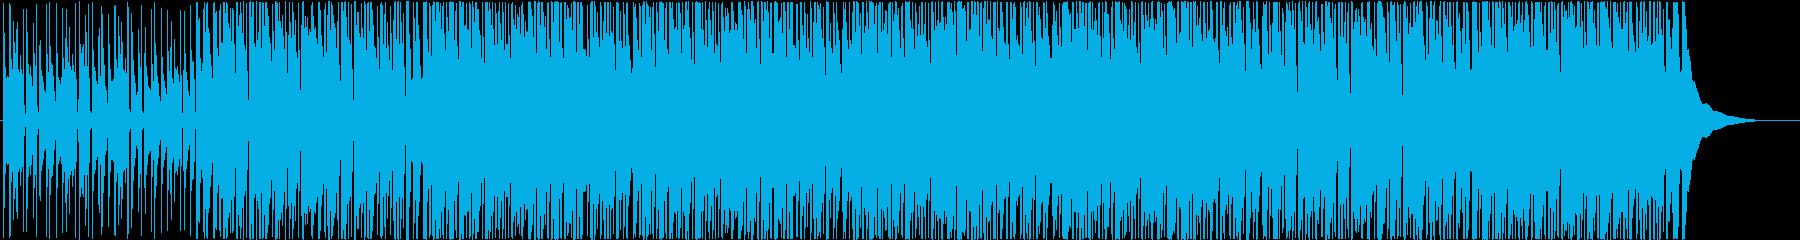 幸せ、子供、ウクレレの再生済みの波形